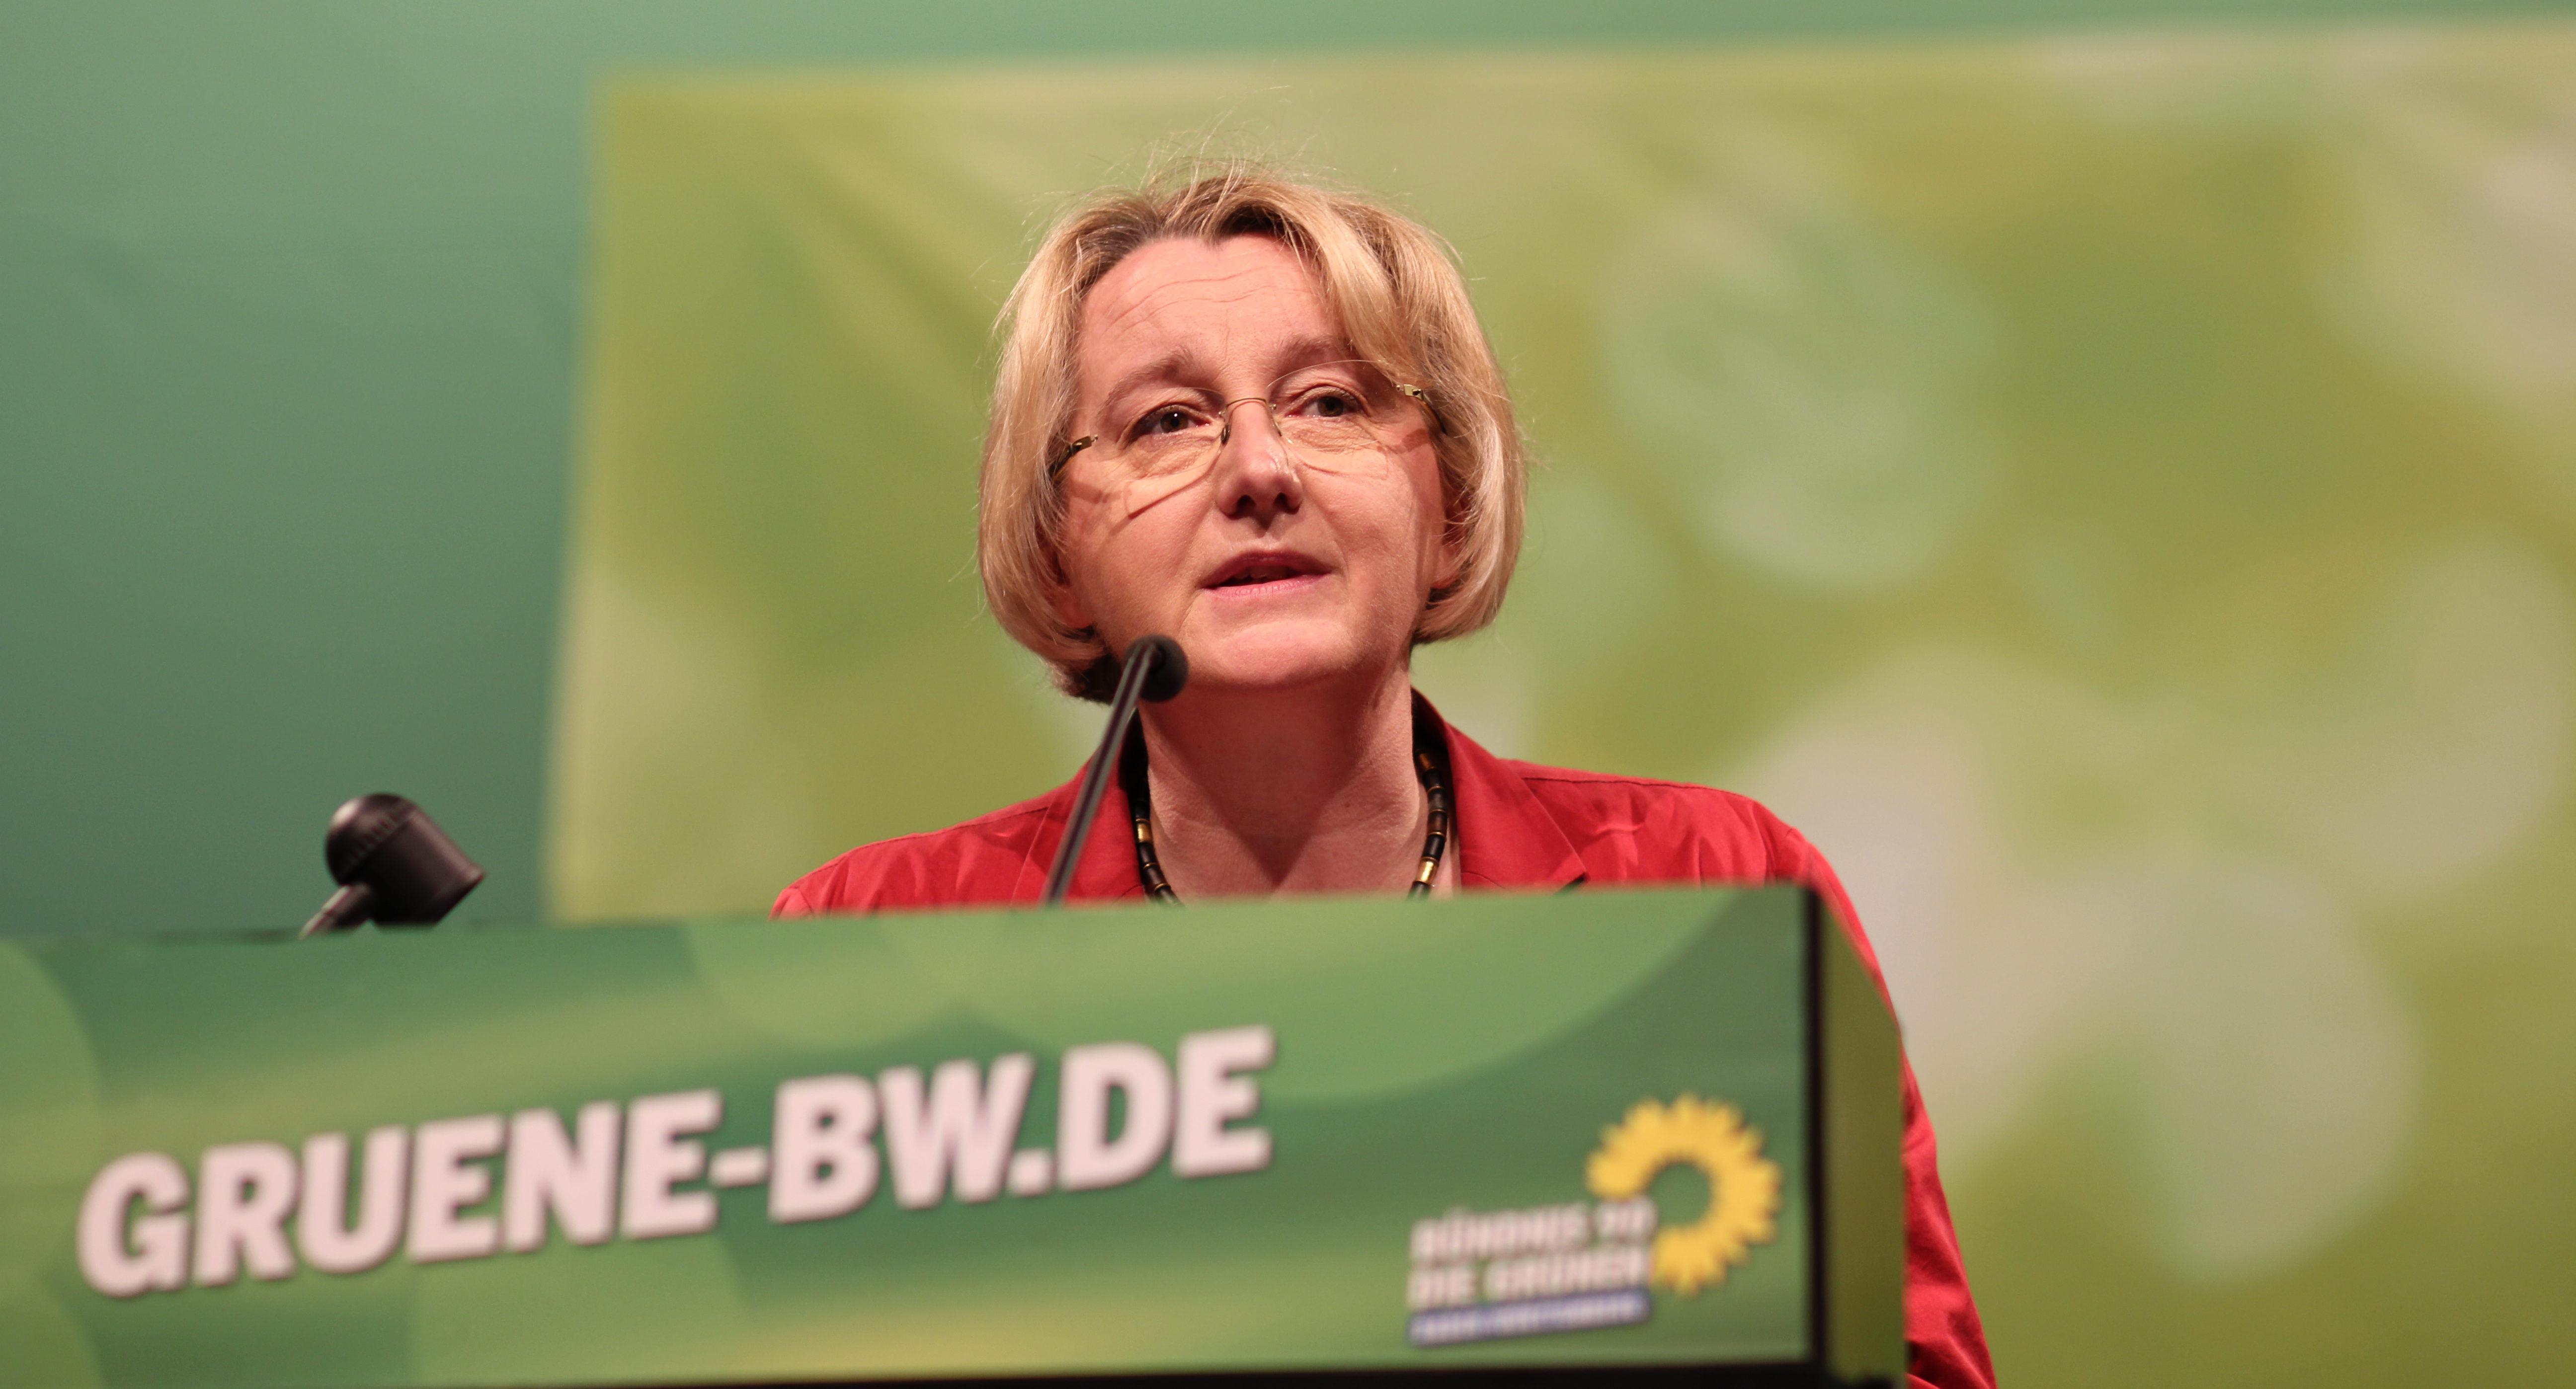 Die Wissenschaftsministerin Theresia Bauer möchte die Kompetenzen der VS beschneiden. Bild: flickr.com, Bündnis 90/Die Grünen Baden-Württemberg (https://flic.kr/p/pJ7gdNhhz) CC BY-SA 2.0  (https://creativecommons.org/licenses/by-sa/2.0/de/)